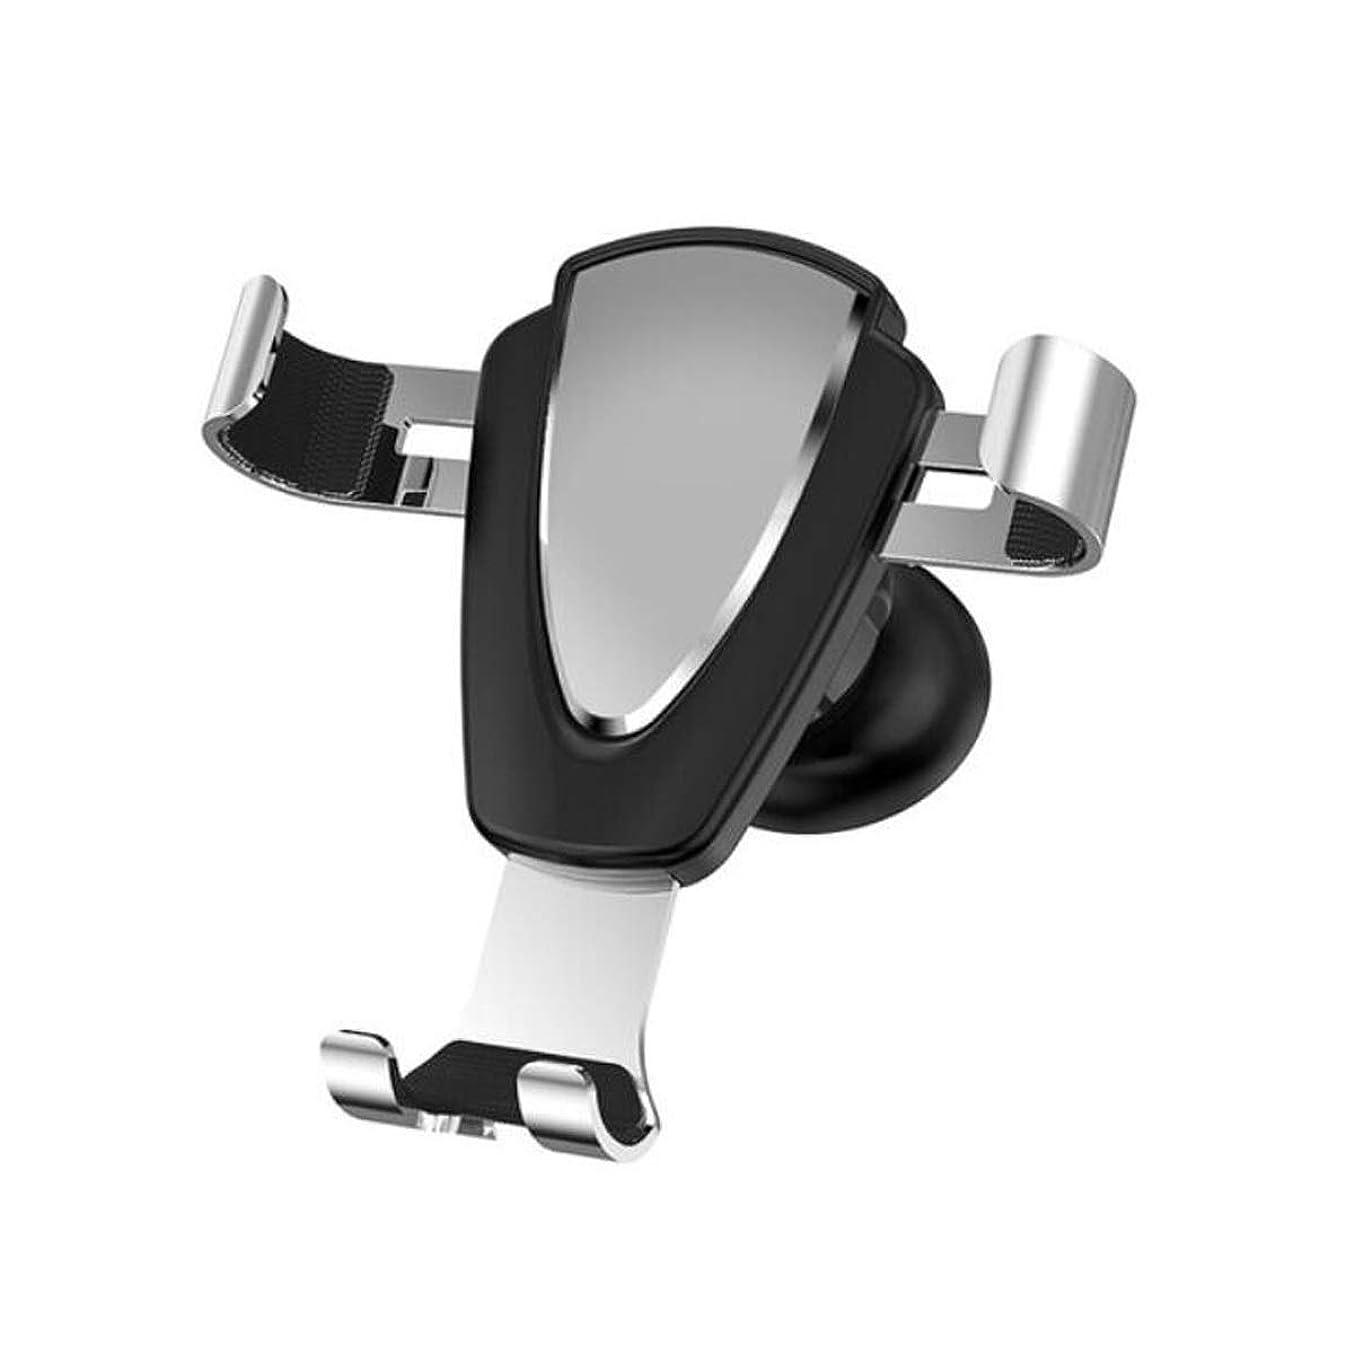 にやにや調整スペシャリスト車の電話ホルダー、カーナビゲーション重力リンケージ調節可能なマジッククリップメタルブラケット、シルバー (Color : Silver)